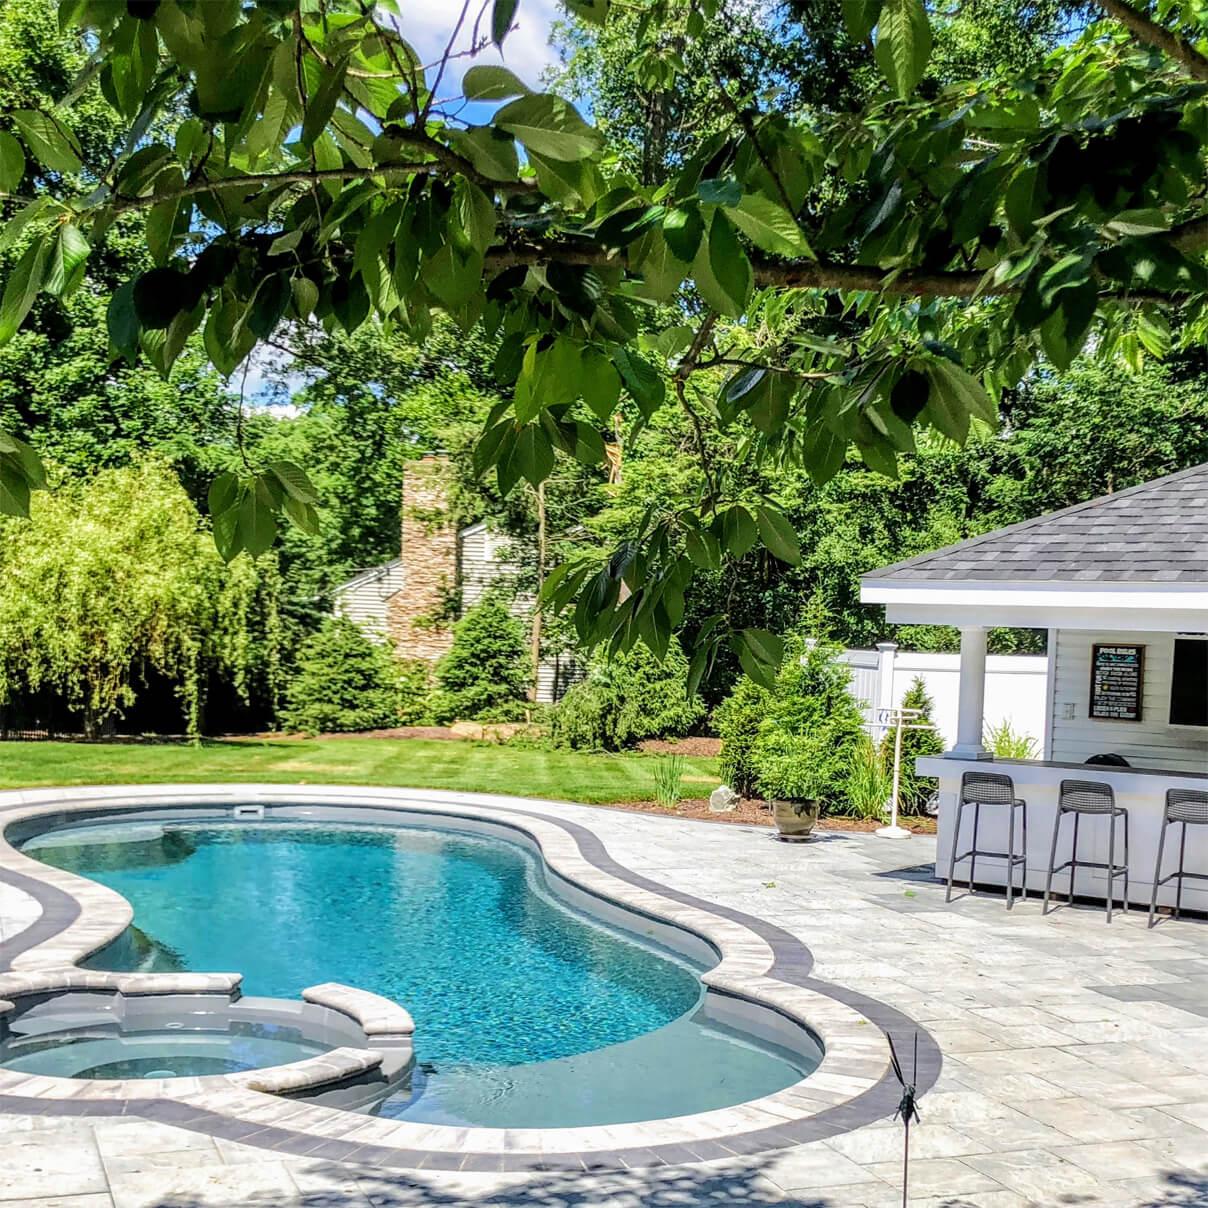 Fiberglass pool - Dell Outdoor